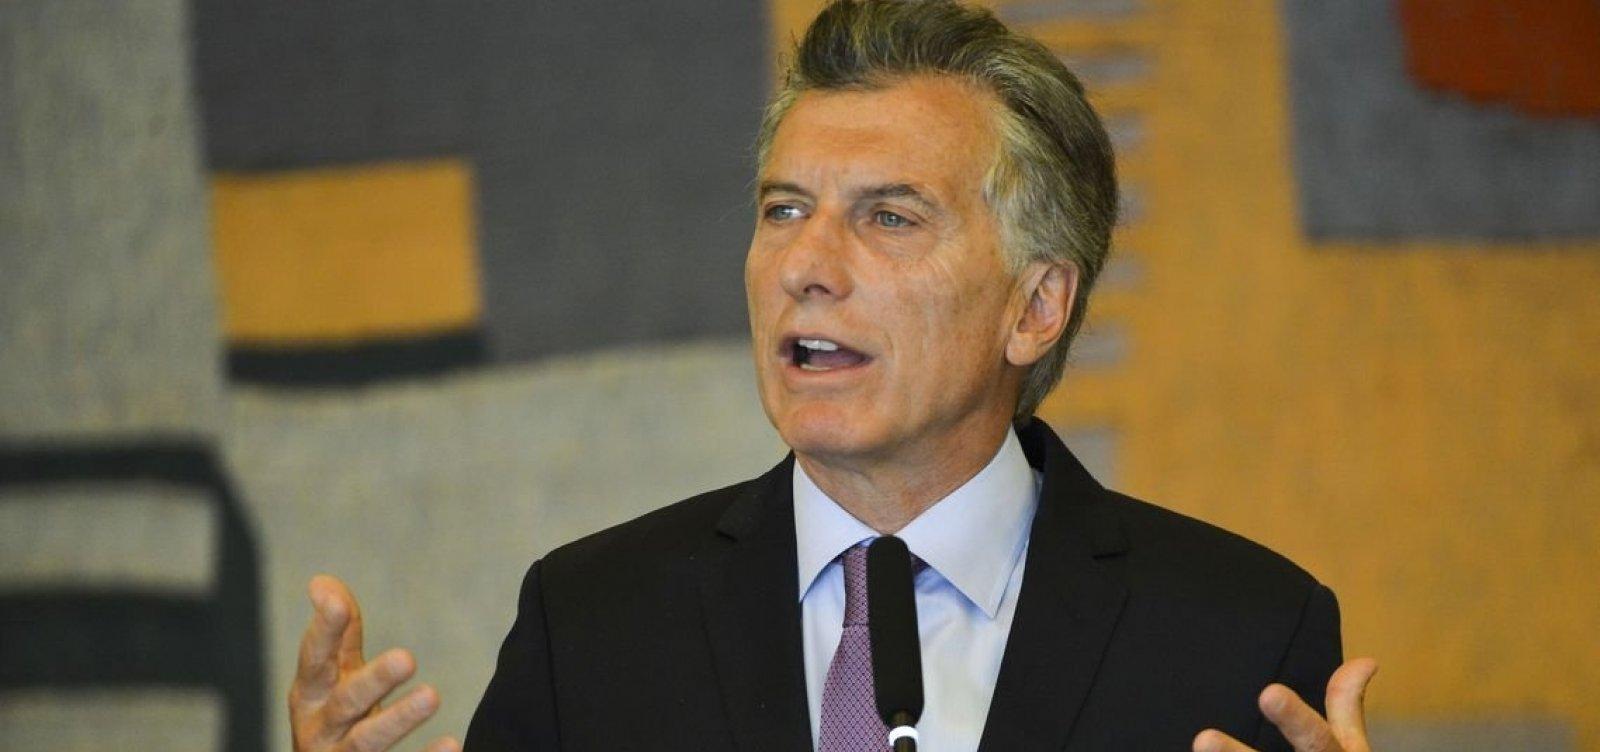 Macri faz balanço de governo cinco dias antes de deixar presidência